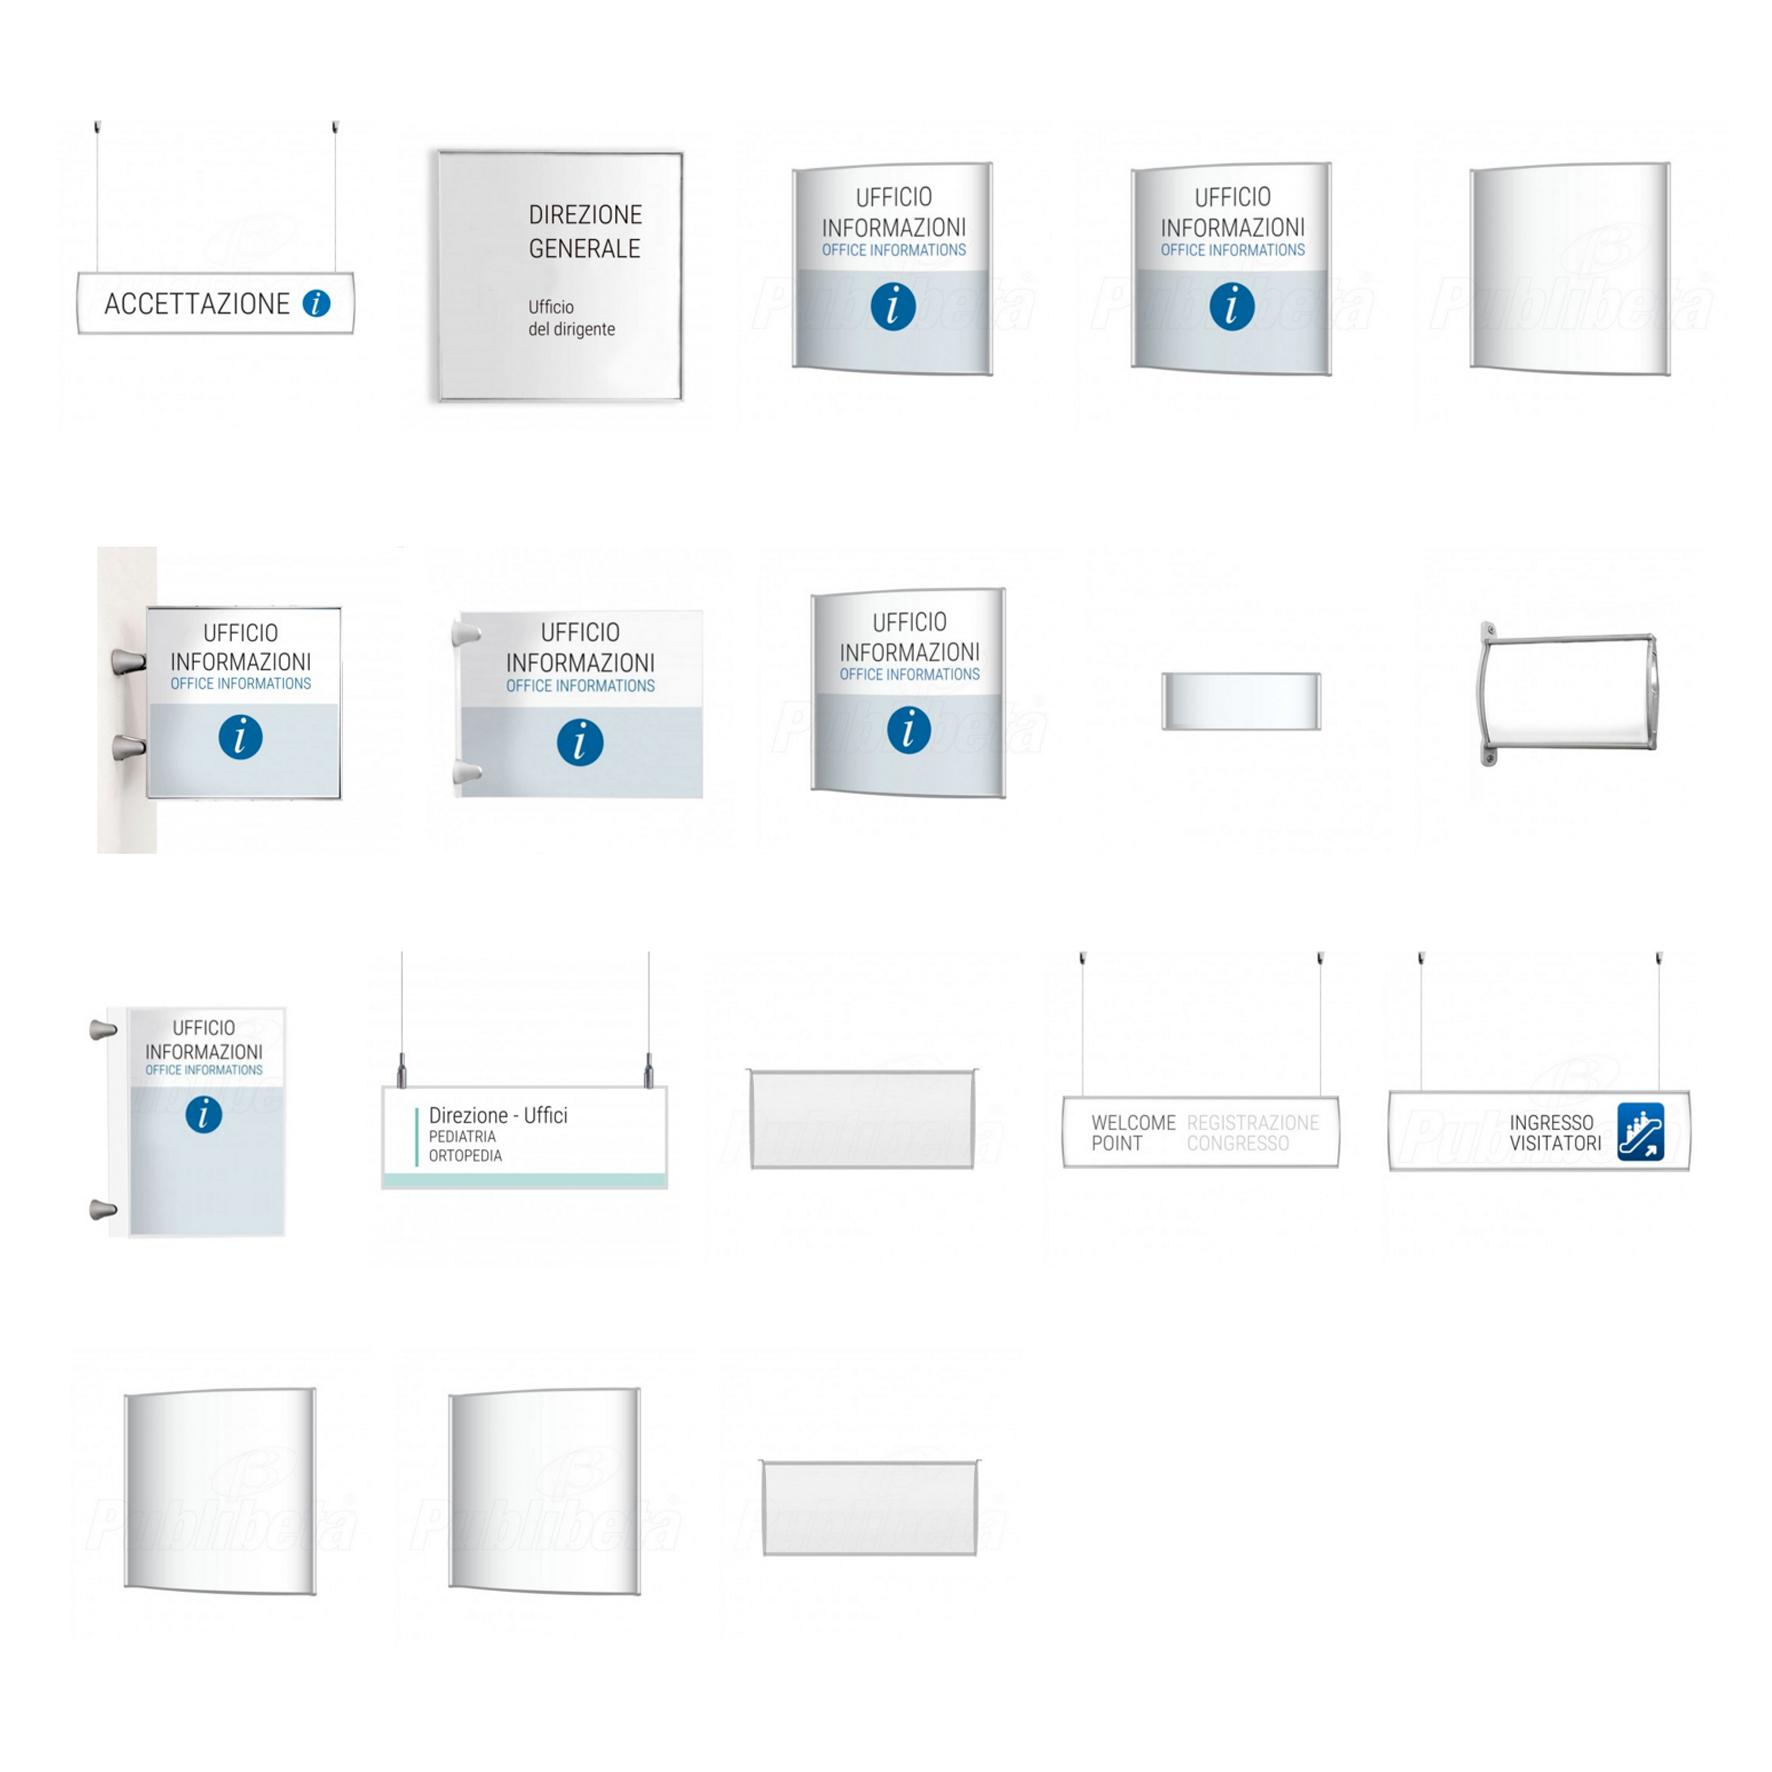 Targhe da muro, segnaletica per interno. Segnaletica aziendale, targhe per uffici con grafica intercambiabile.